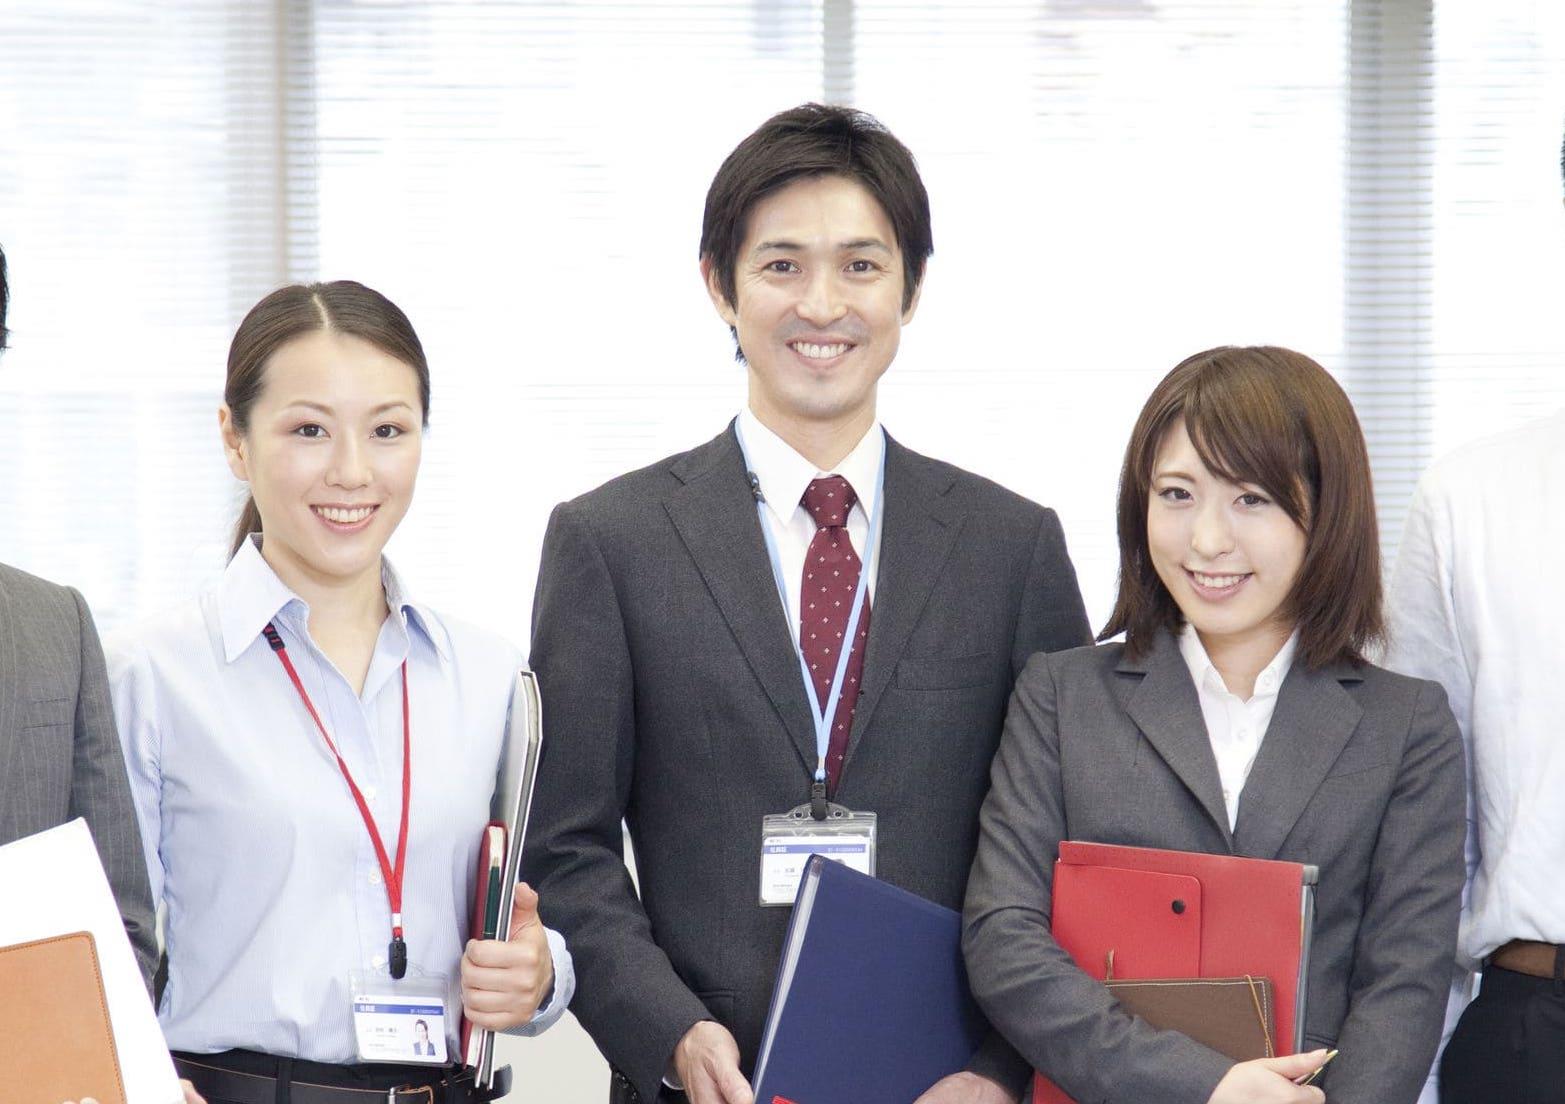 社労士事務所の企業リスト販売